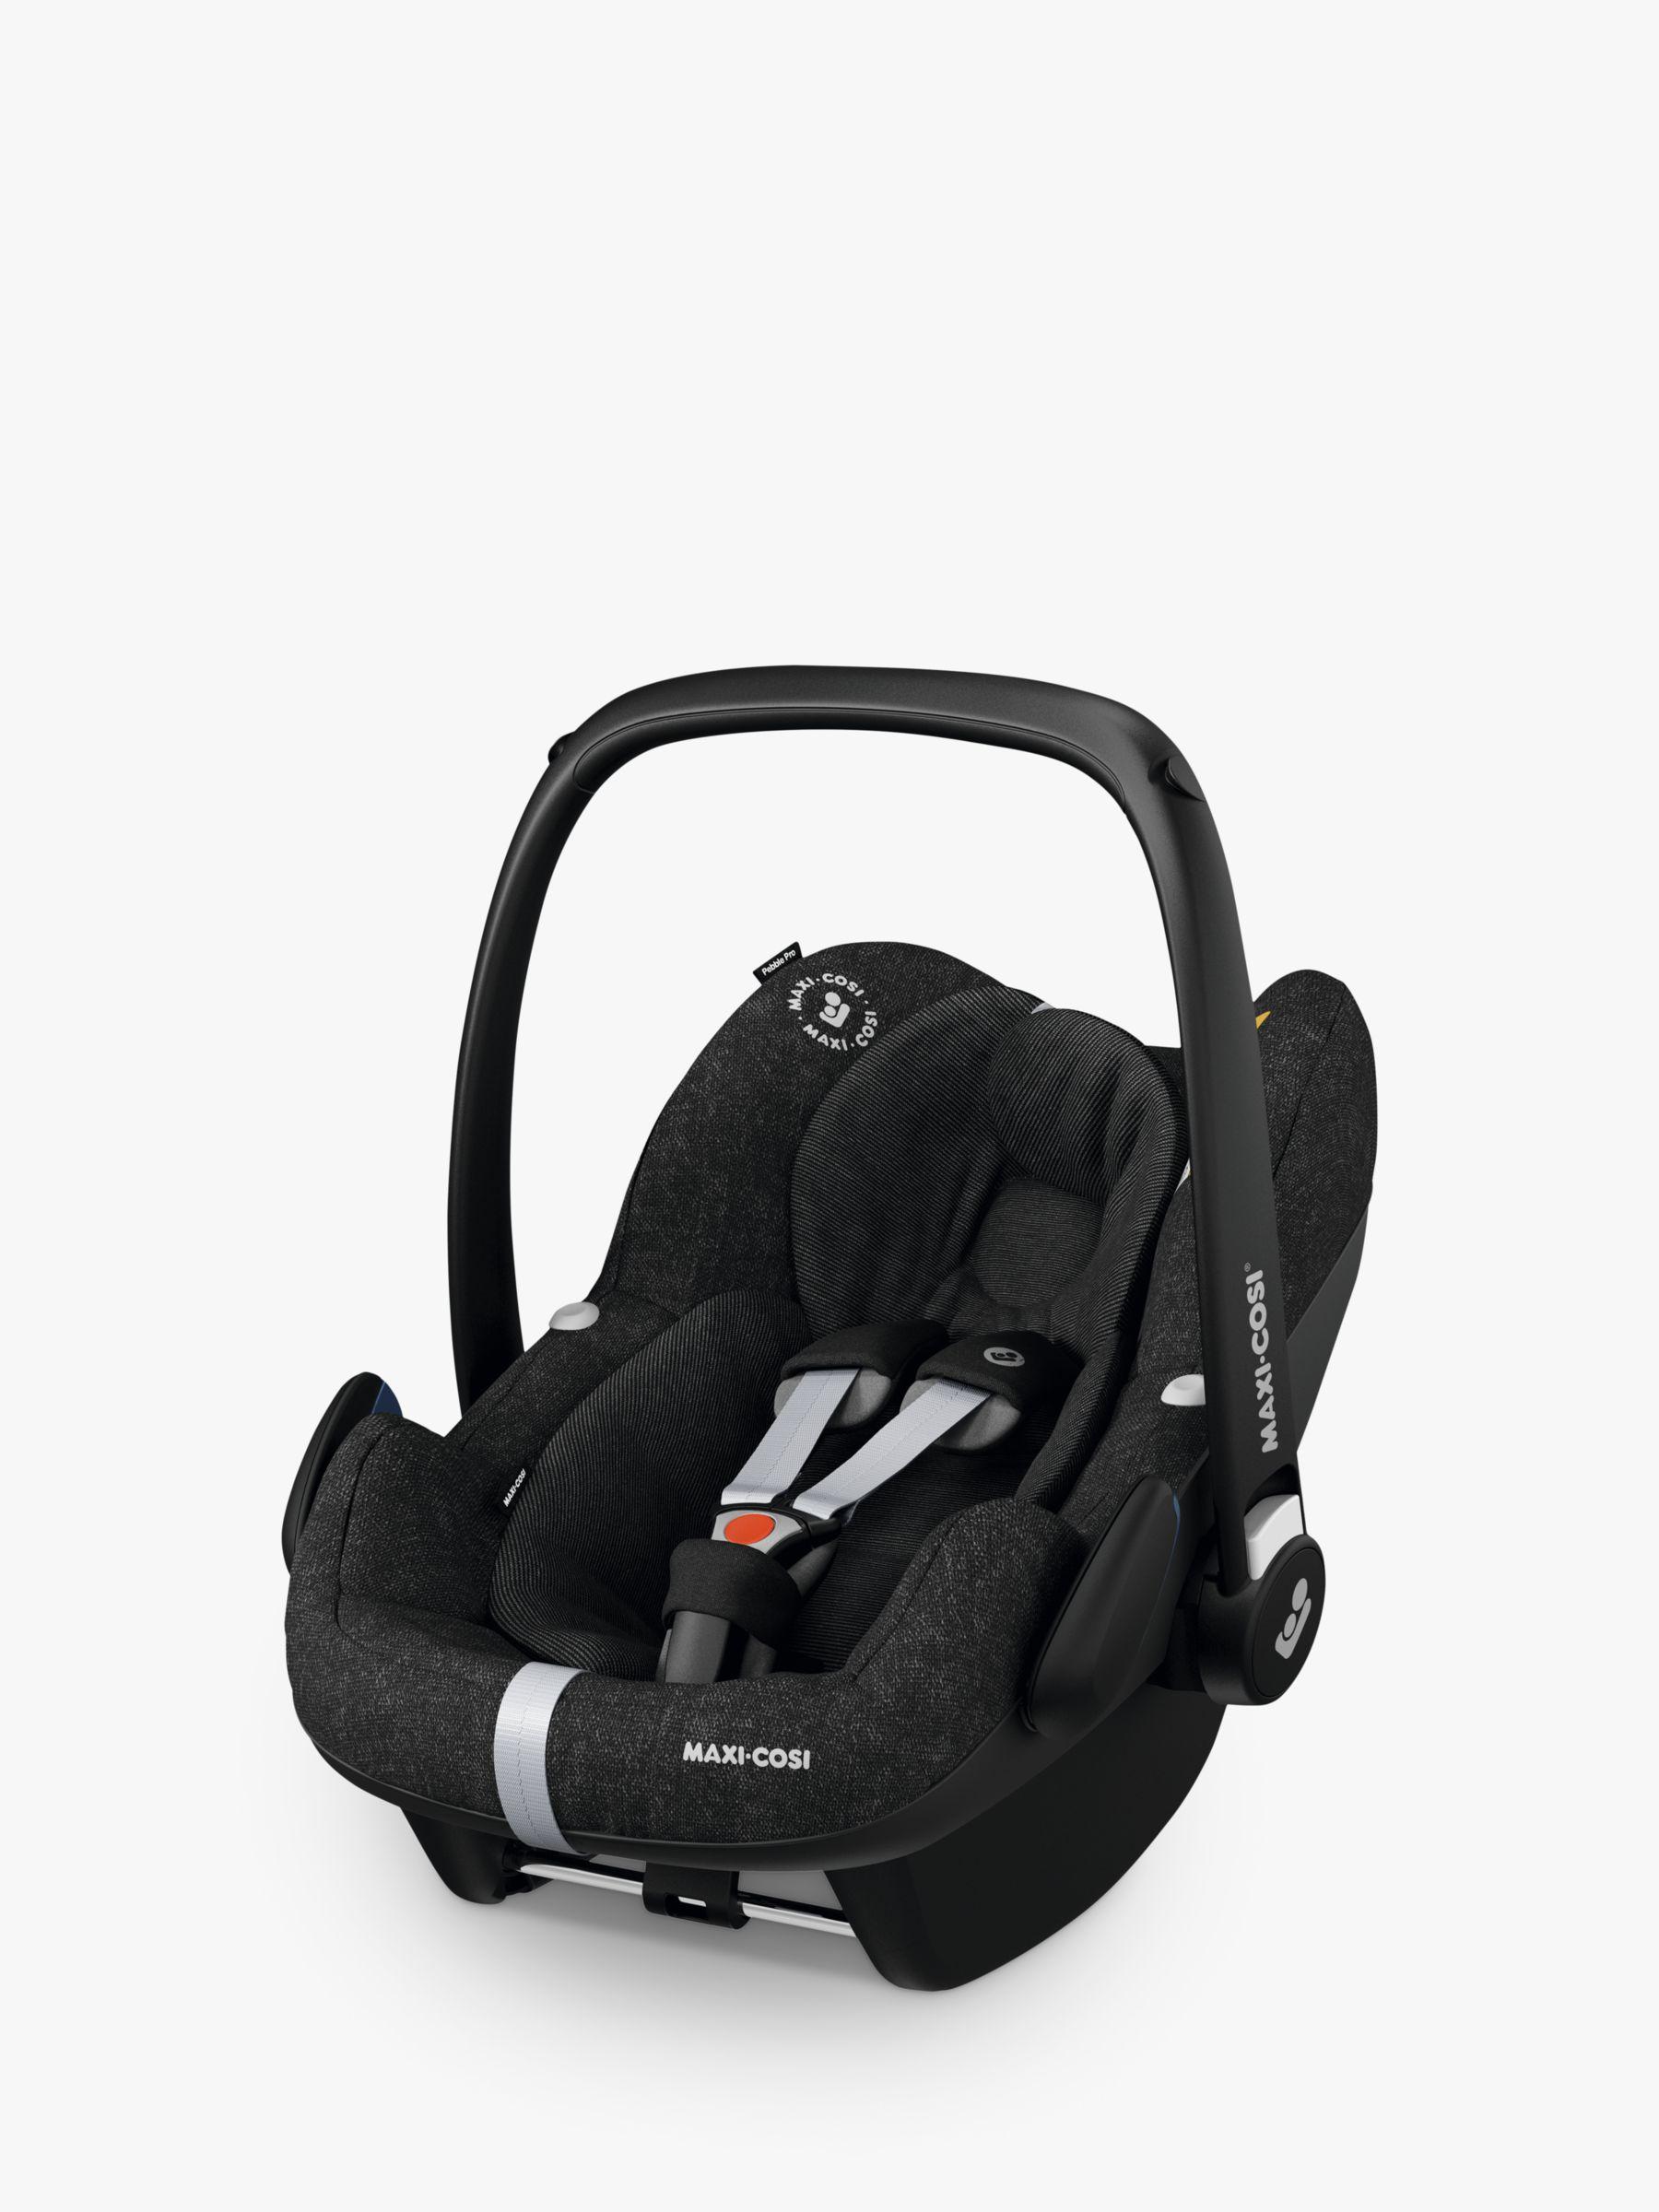 Maxi-Cosi Maxi-Cosi Pebble Pro i-Size Group 0+ Baby Car Seat, Nomad Black